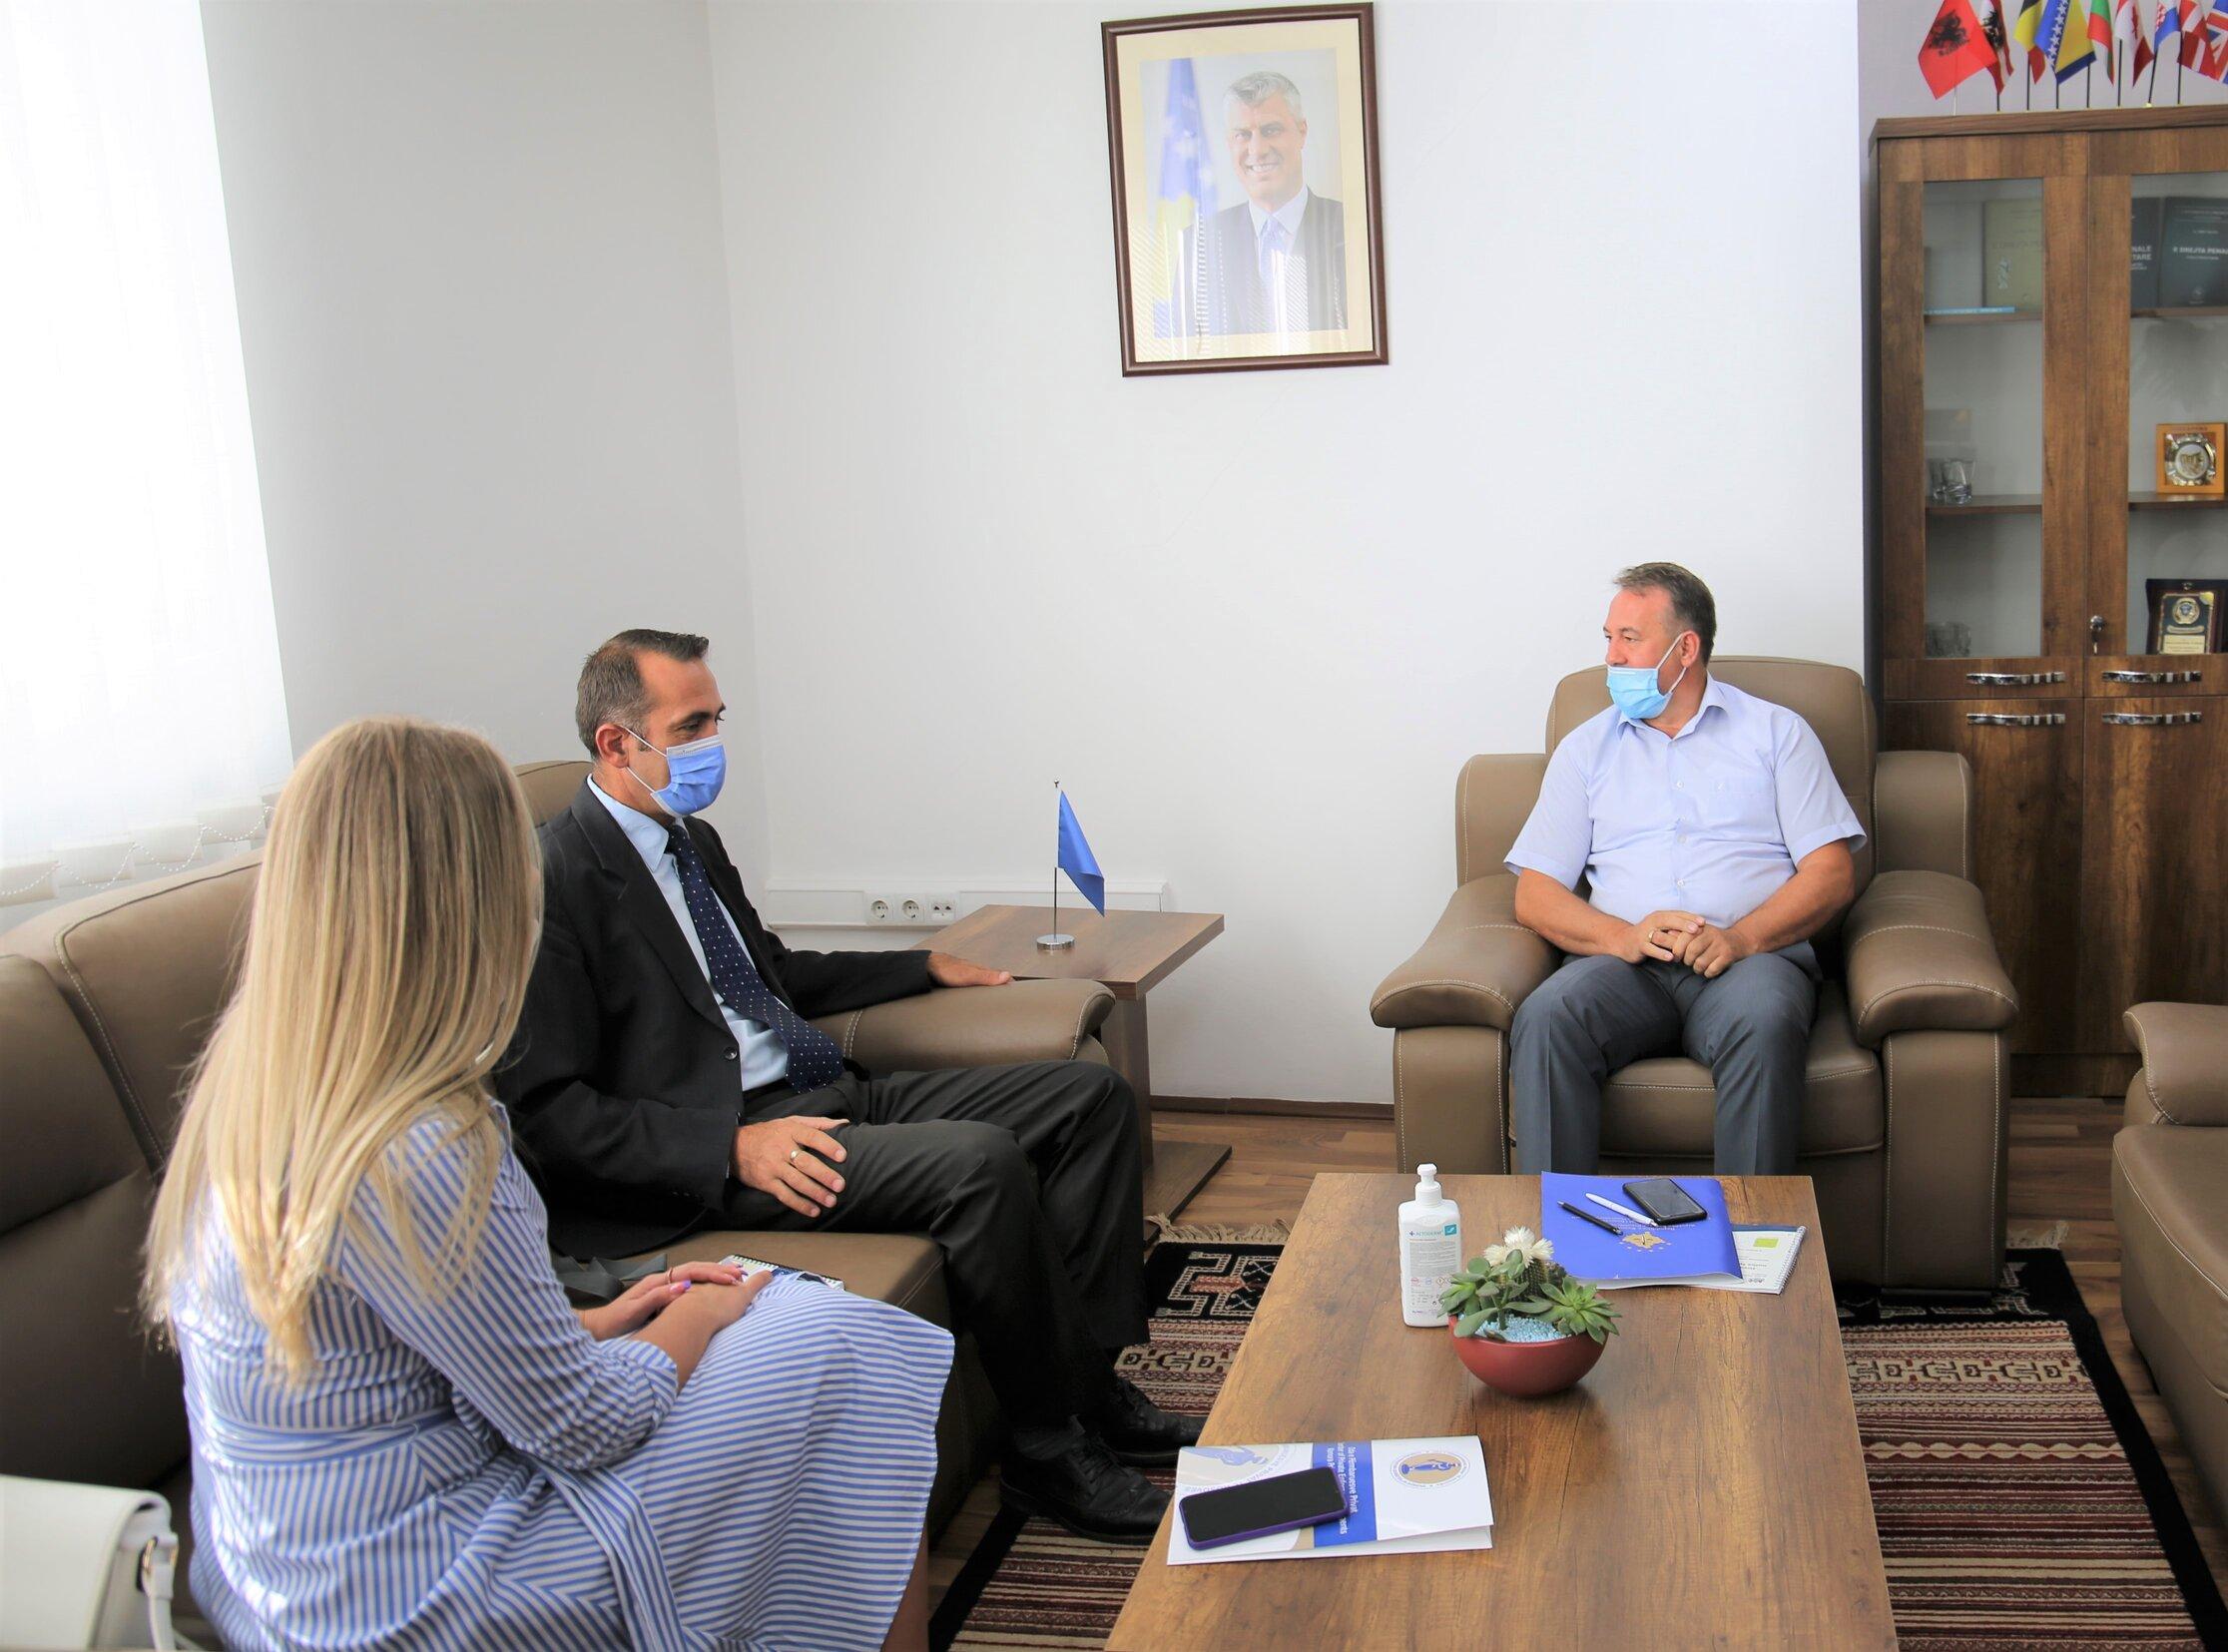 Kryesuesi i KPK-së, Bahri Hyseni, ka takuar kryetarin e OPK-së, Arben Gashi